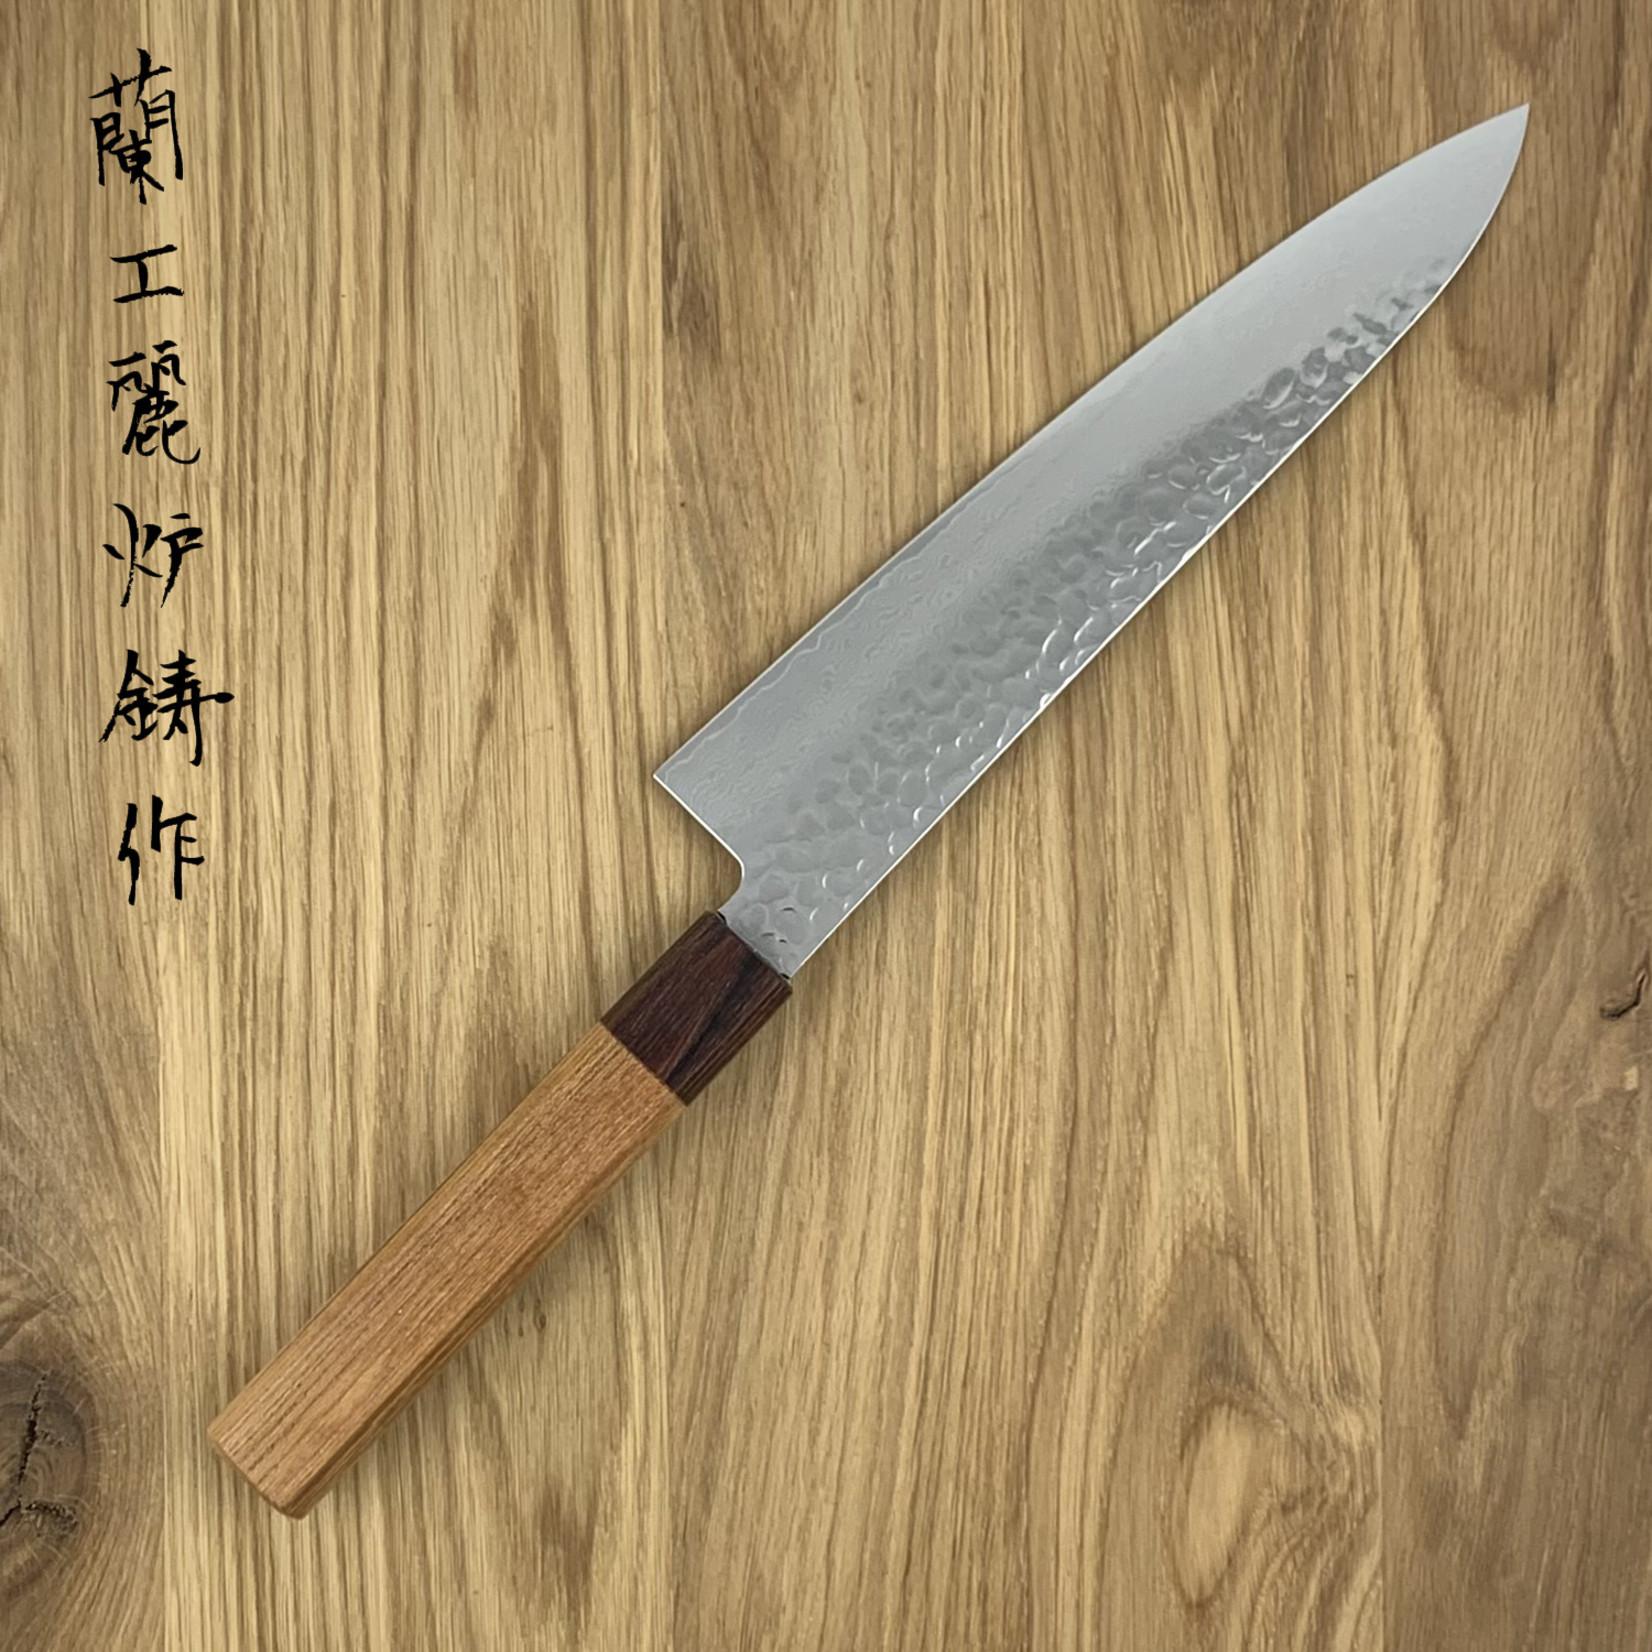 SAKAI TAKAYUKI 33 laags gehamerd Gyuto 210 mm Zelkova Japans heft  07475